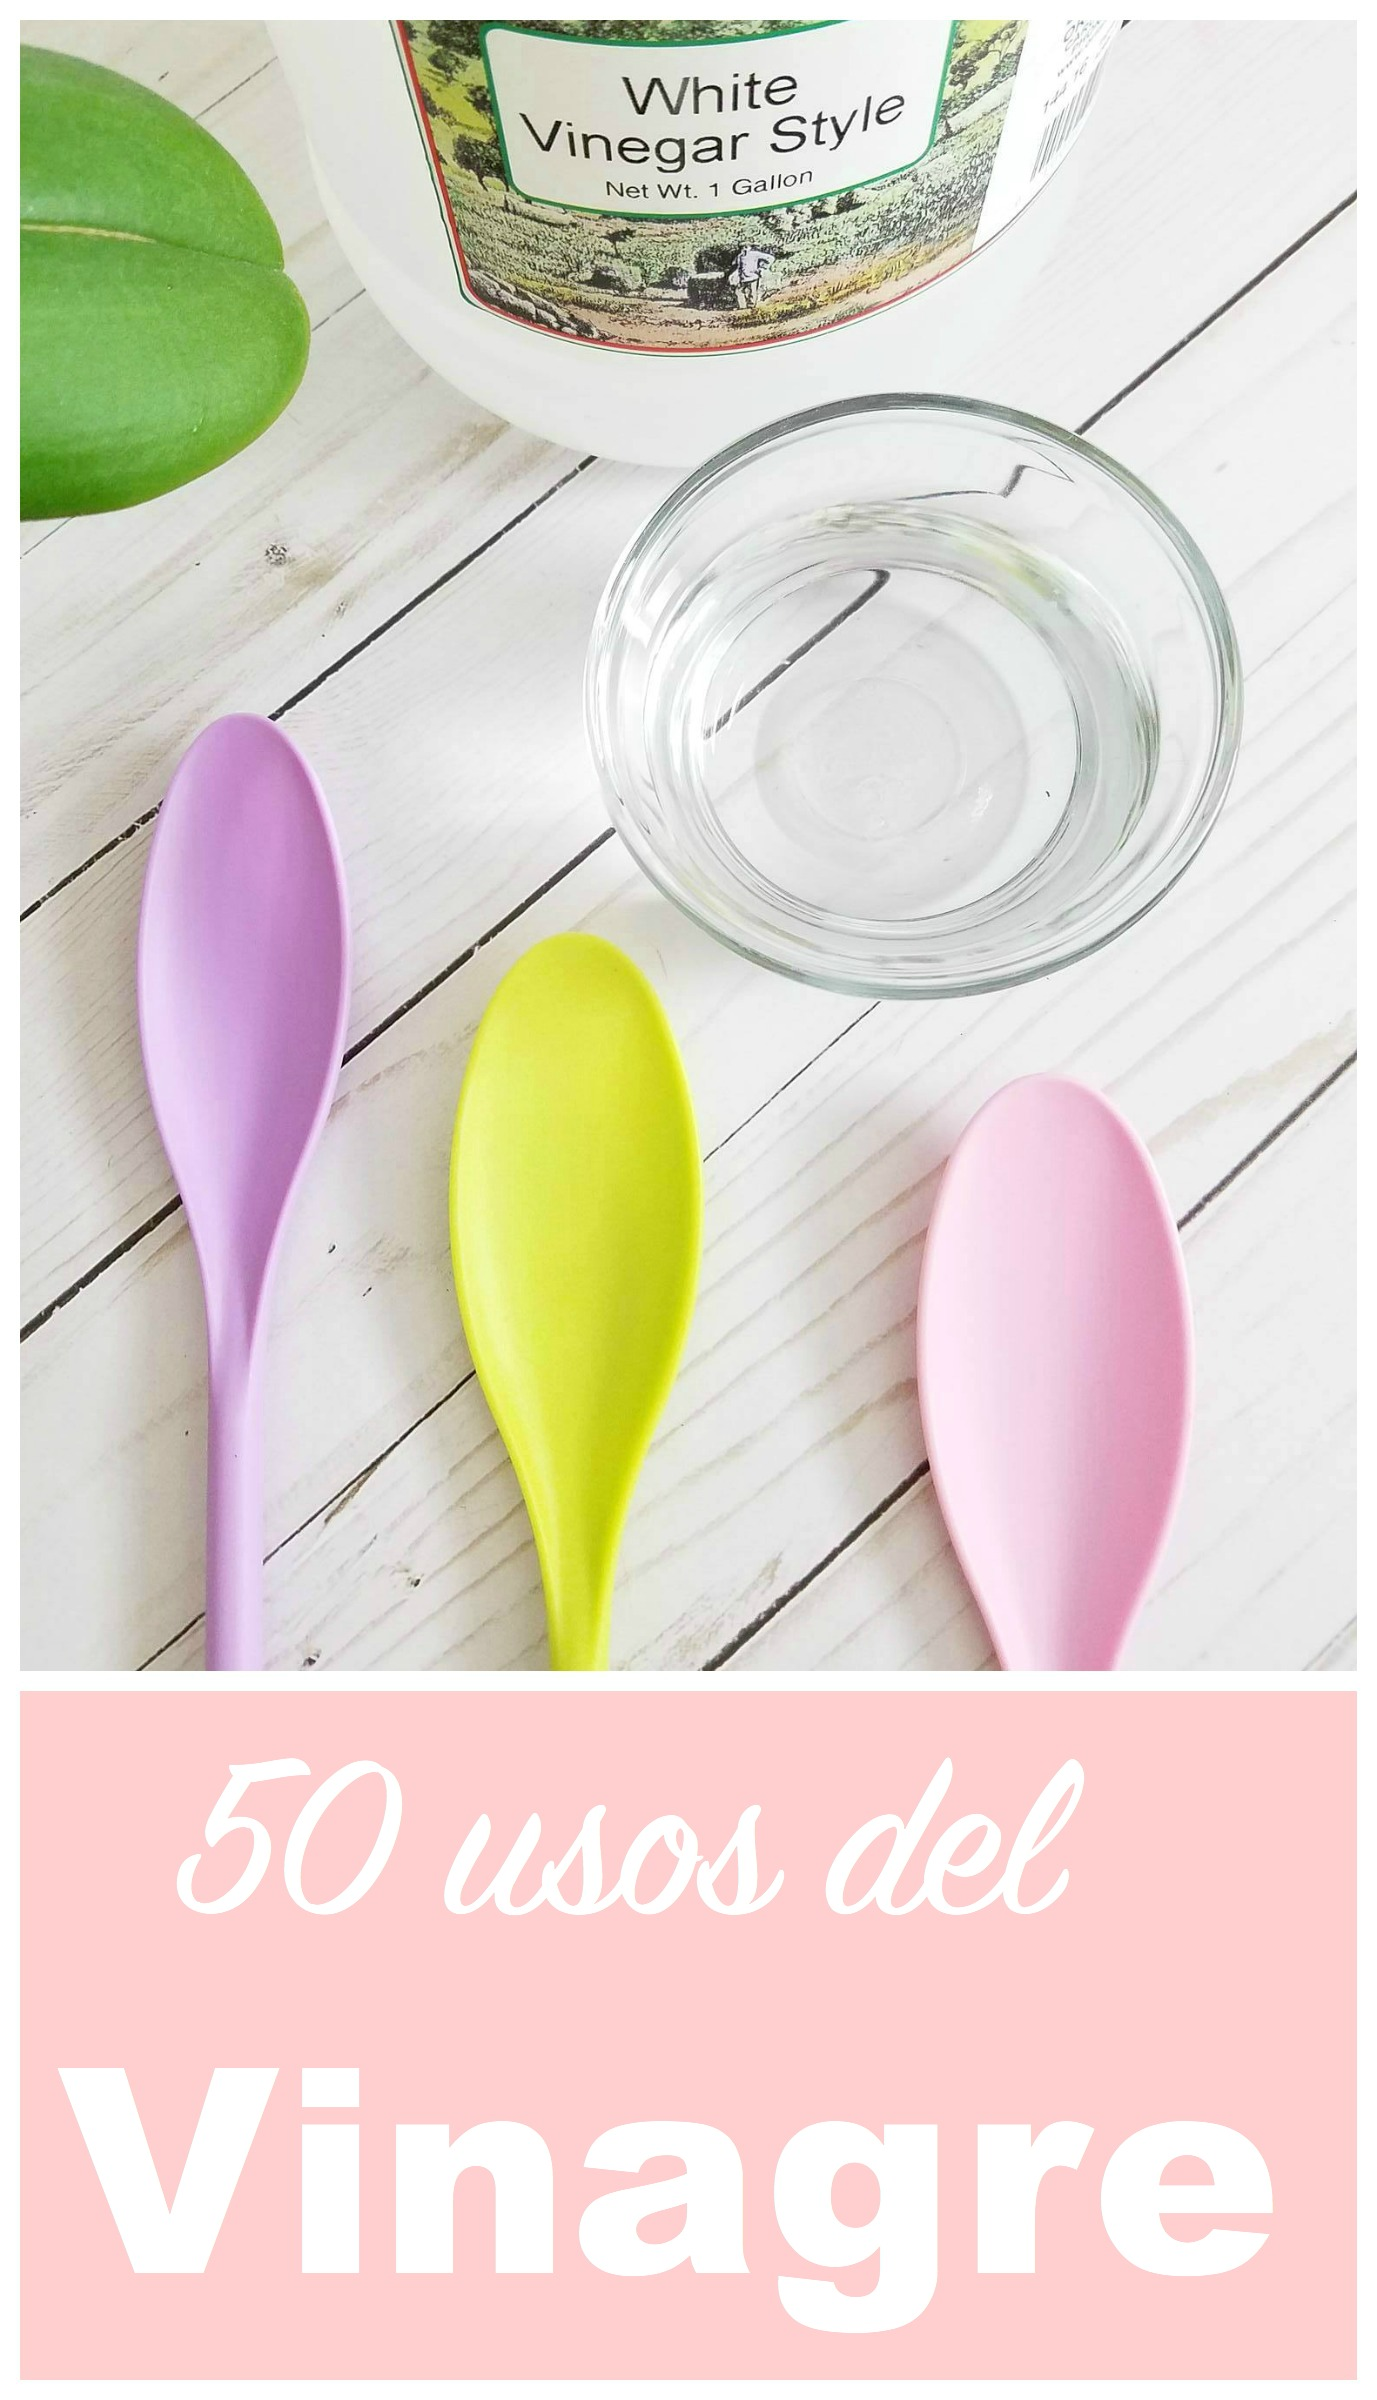 Los 50 Usos del vinagre by Alicia Borchardt